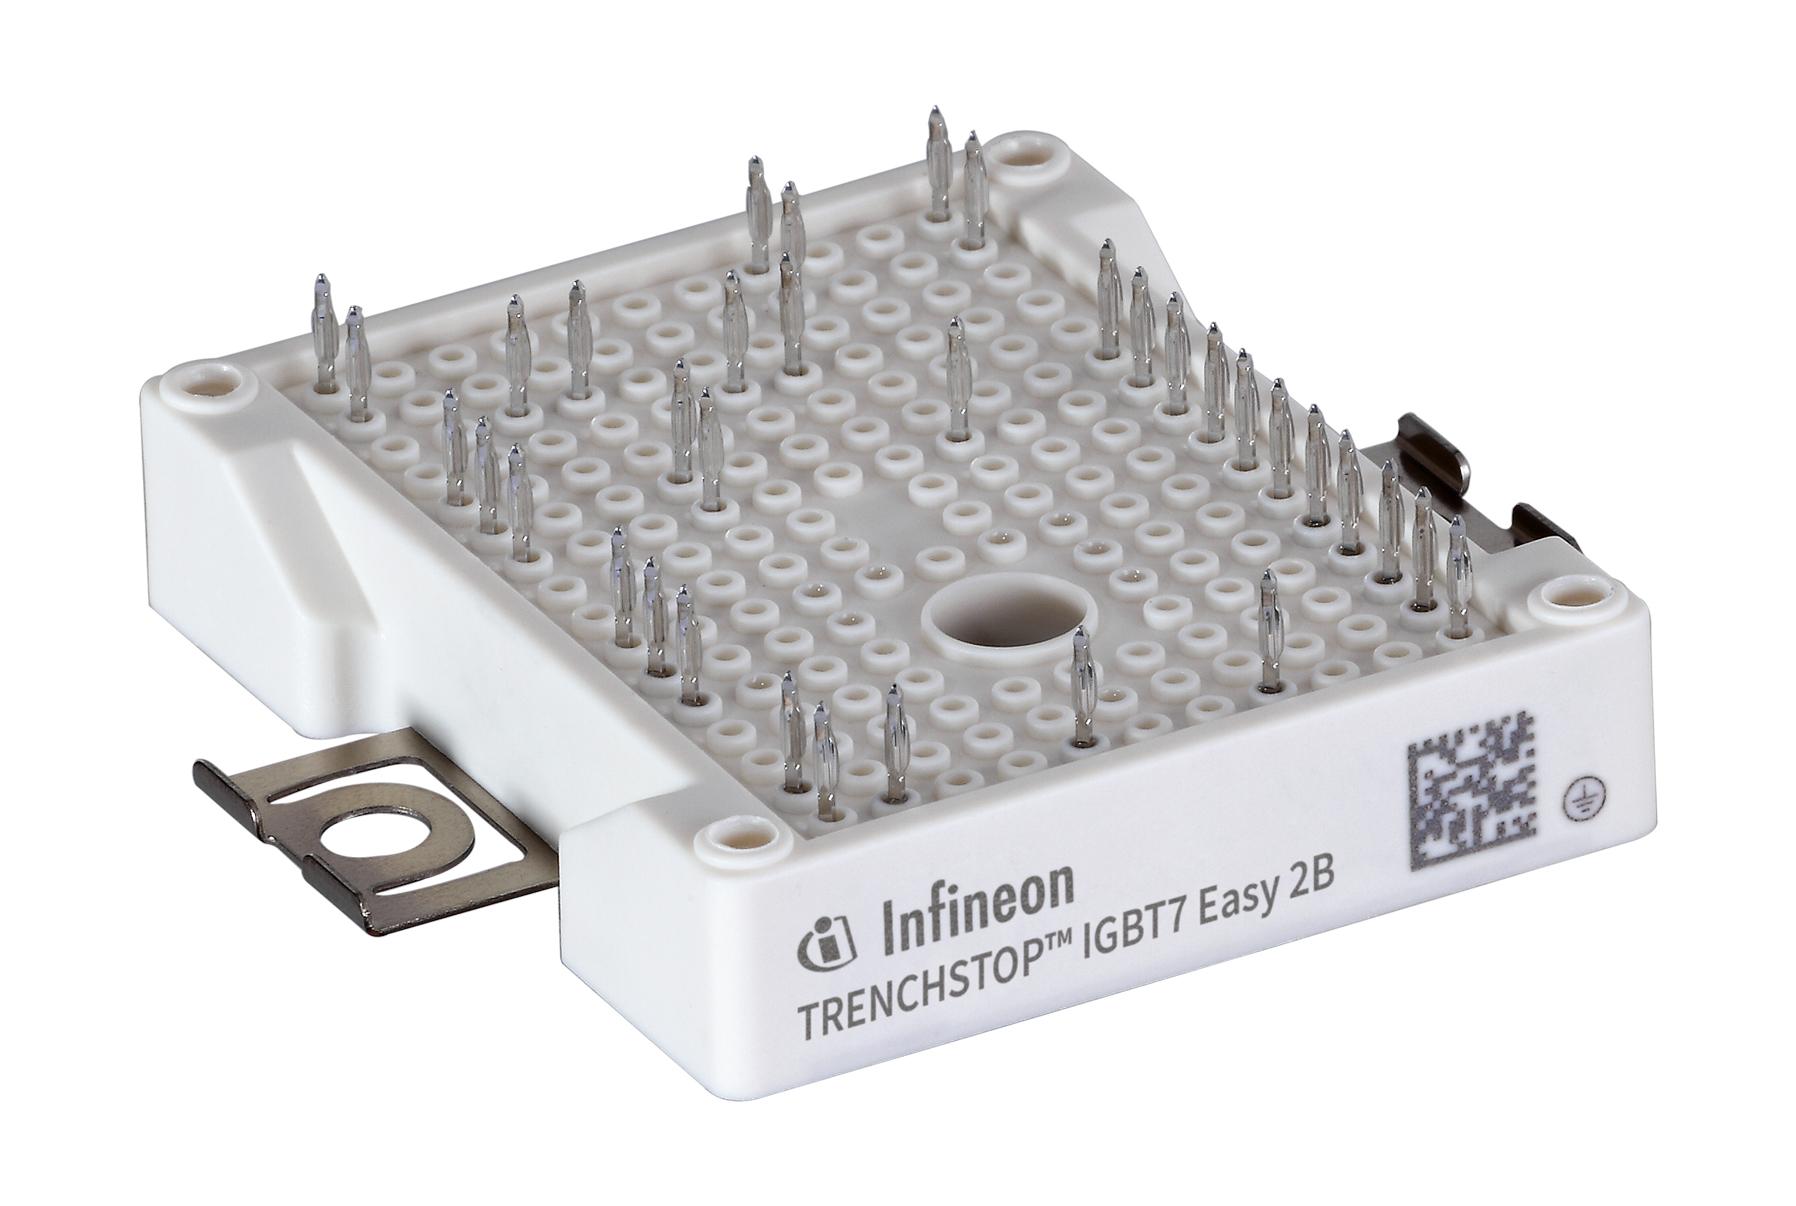 功率扩展:TRENCHSTOP™ IGBT7 Easy产品系列推出新的电流额定值模块